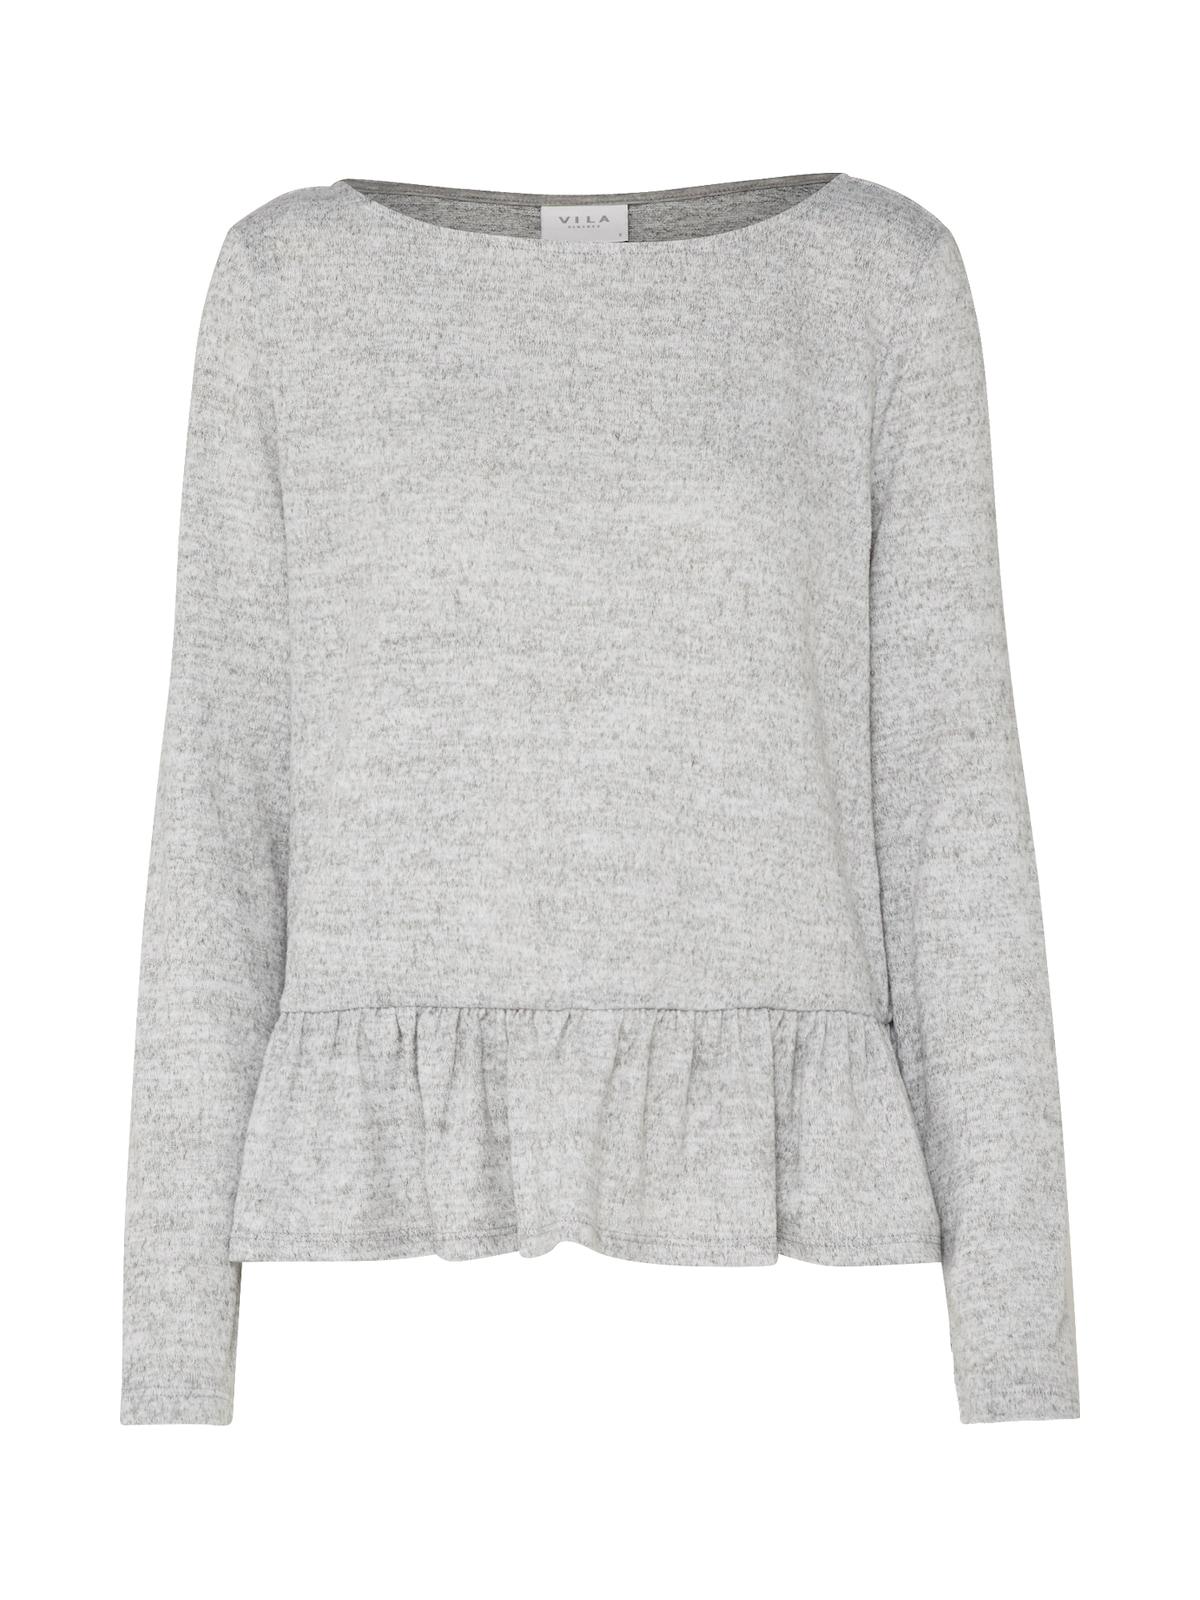 VILA Pullover ´VILUNE L/S´